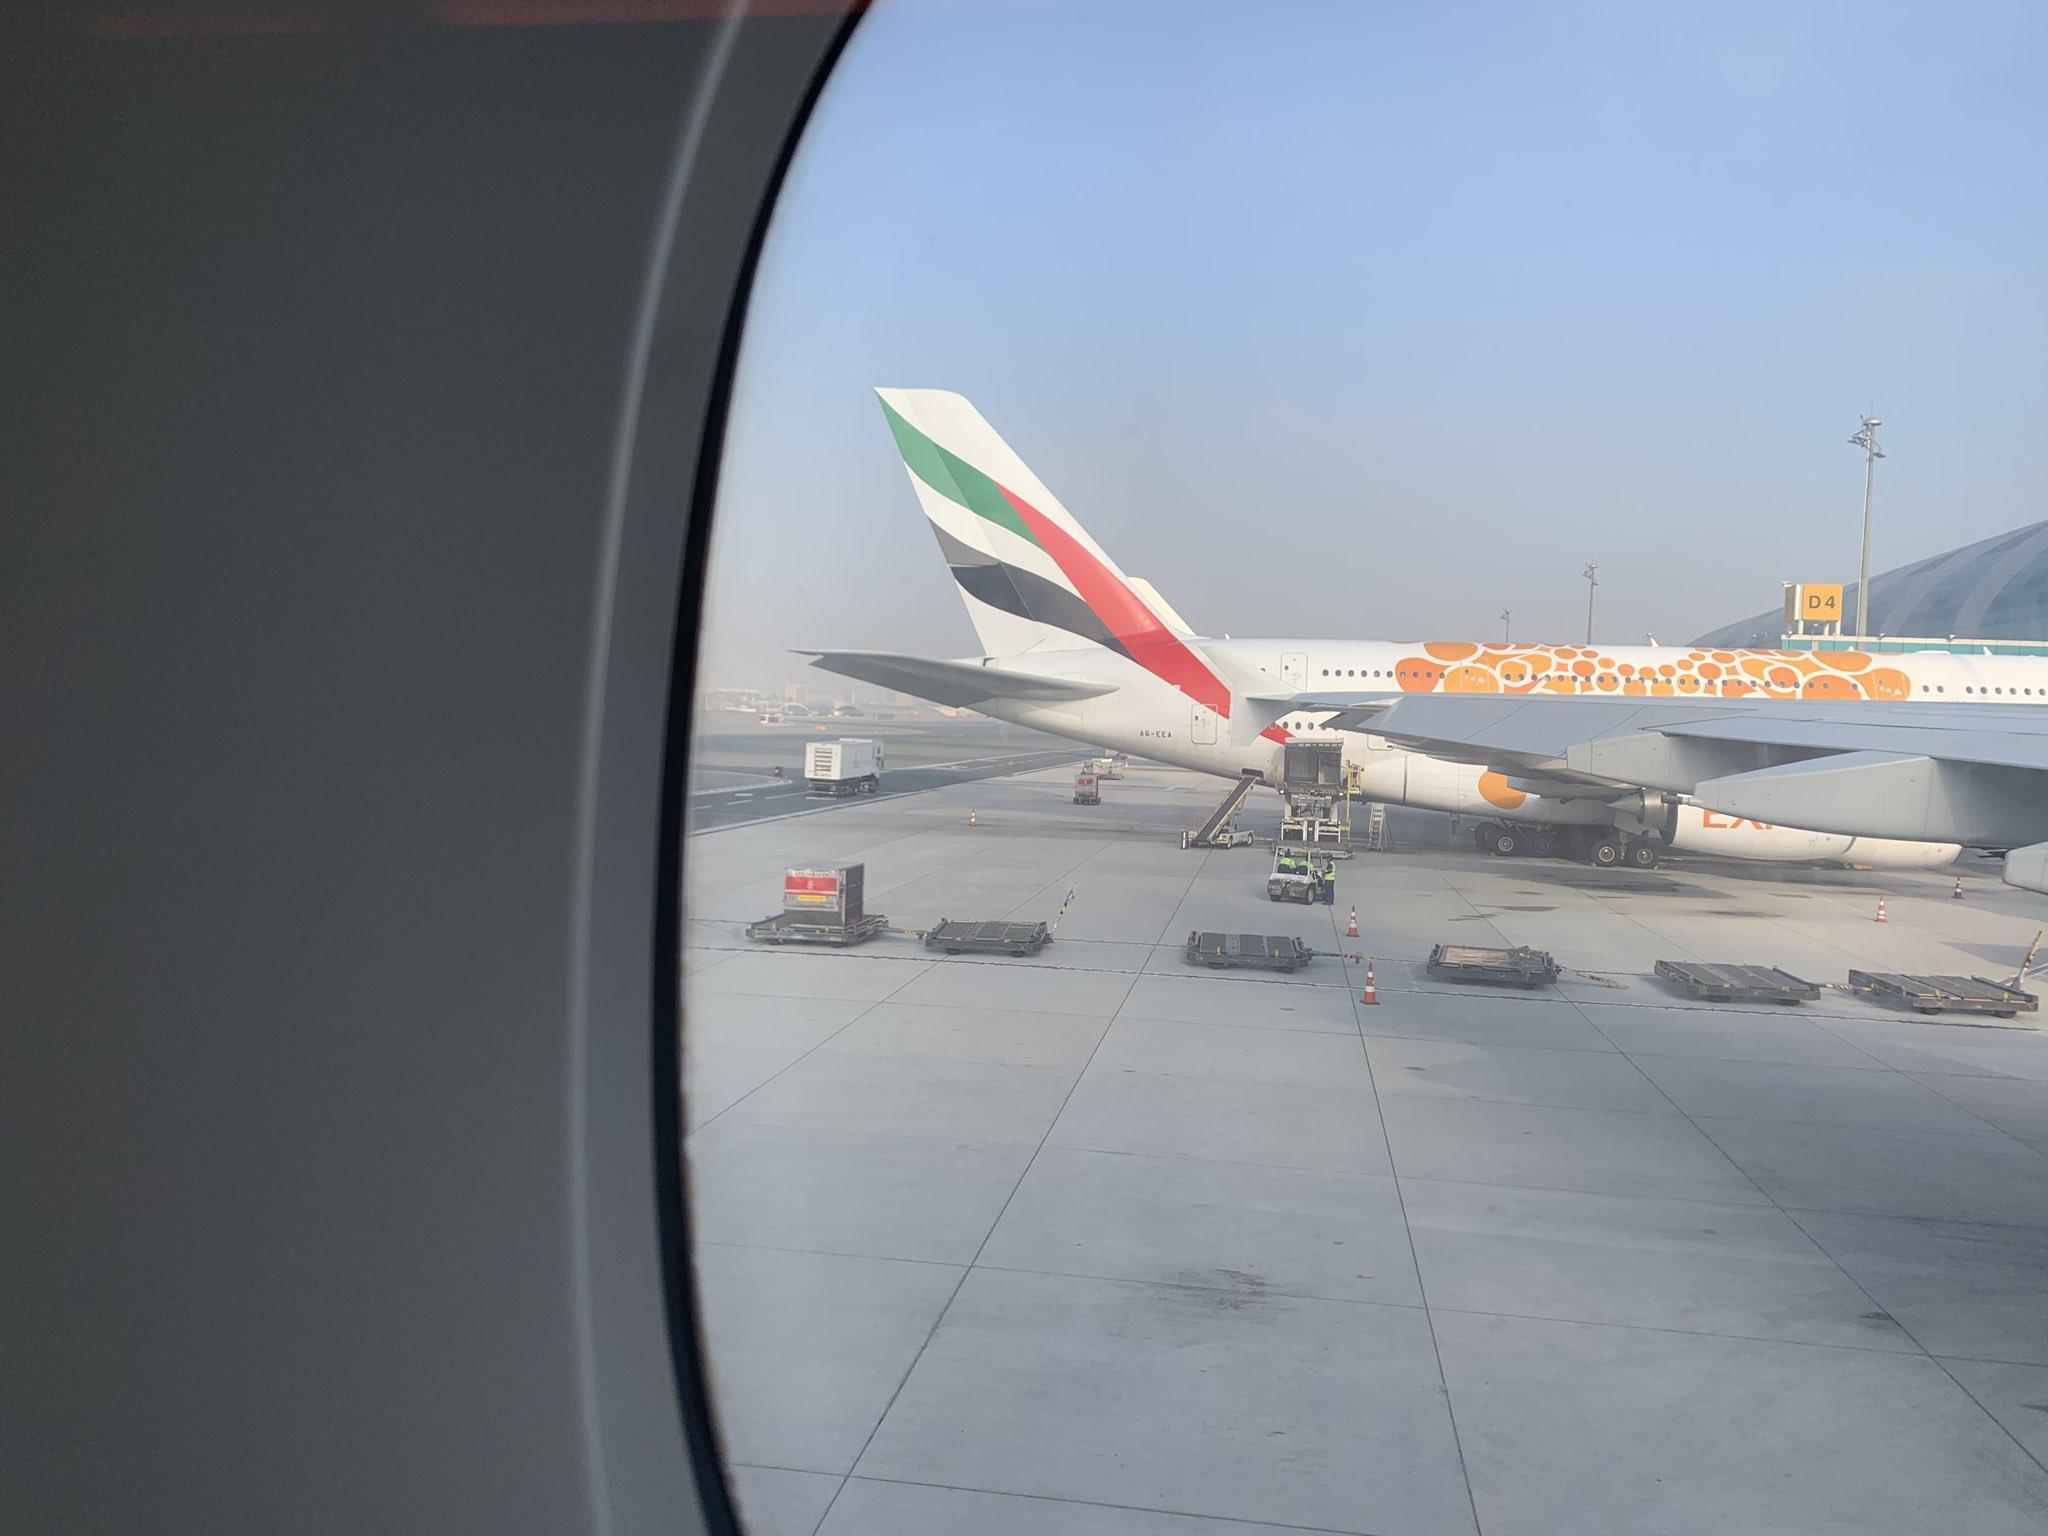 Photo Courtesy: UAE Tour Twitter